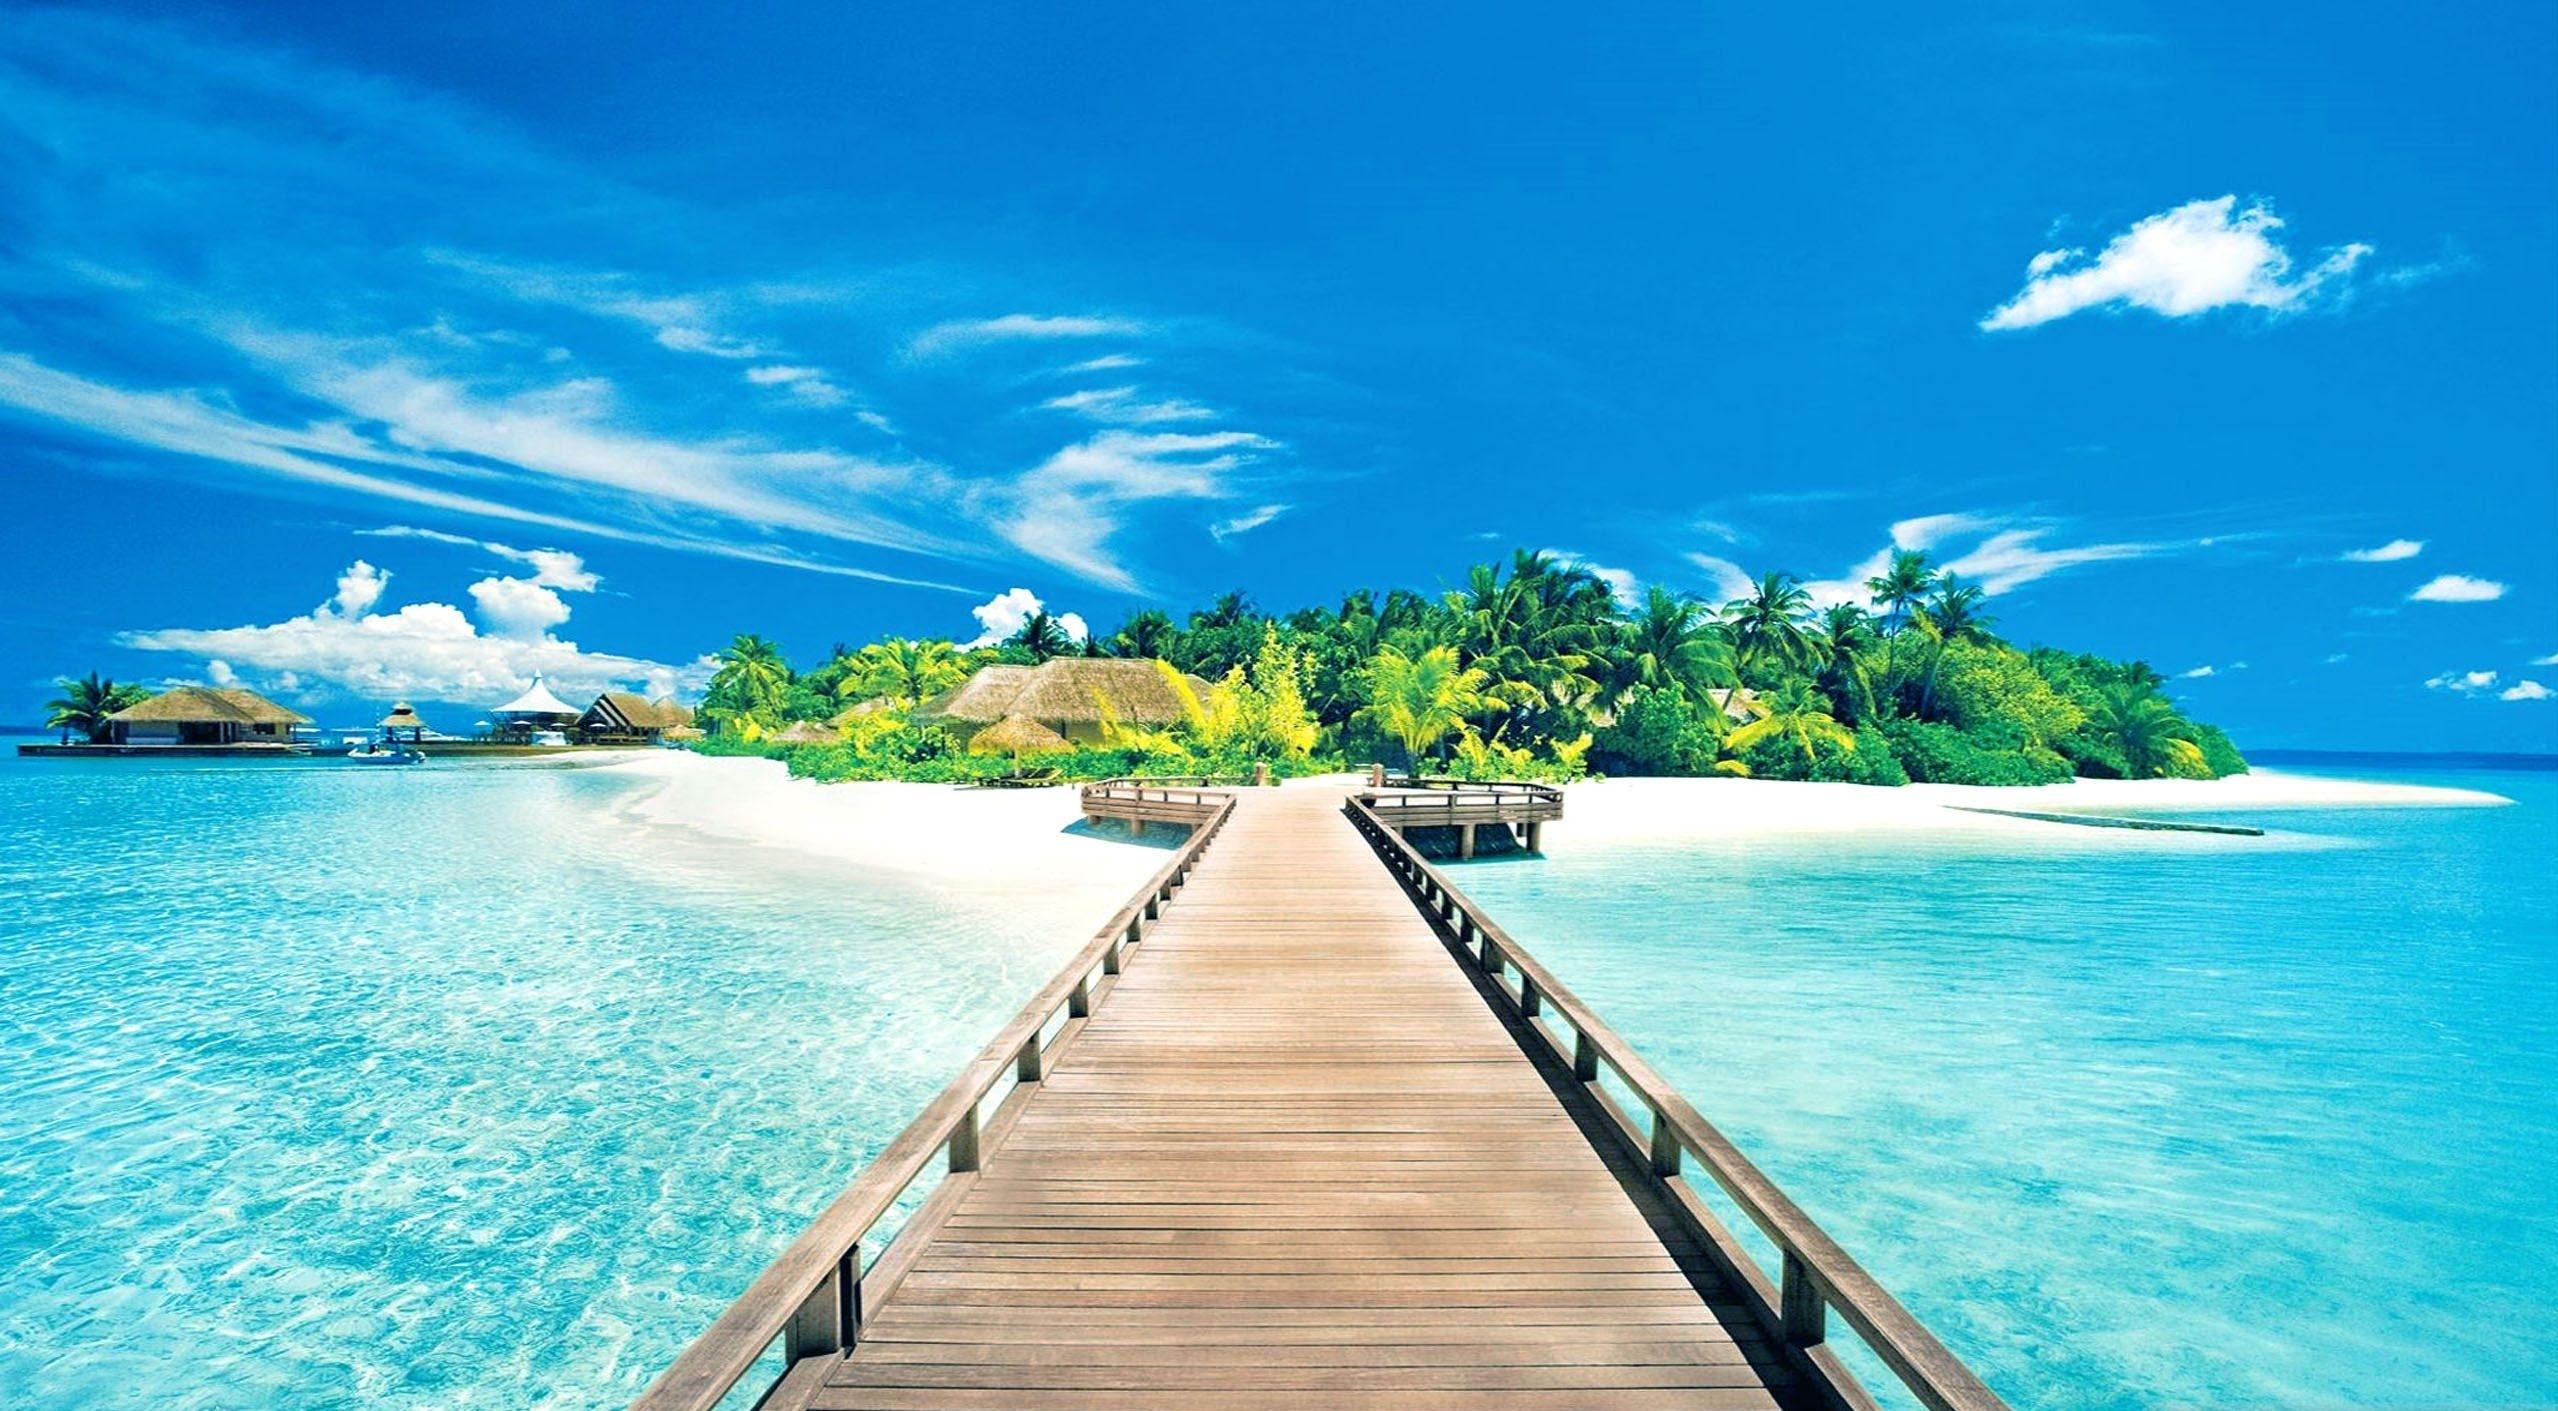 beautiful summer desktop wallpaper | hd wallpapers, hd images, art